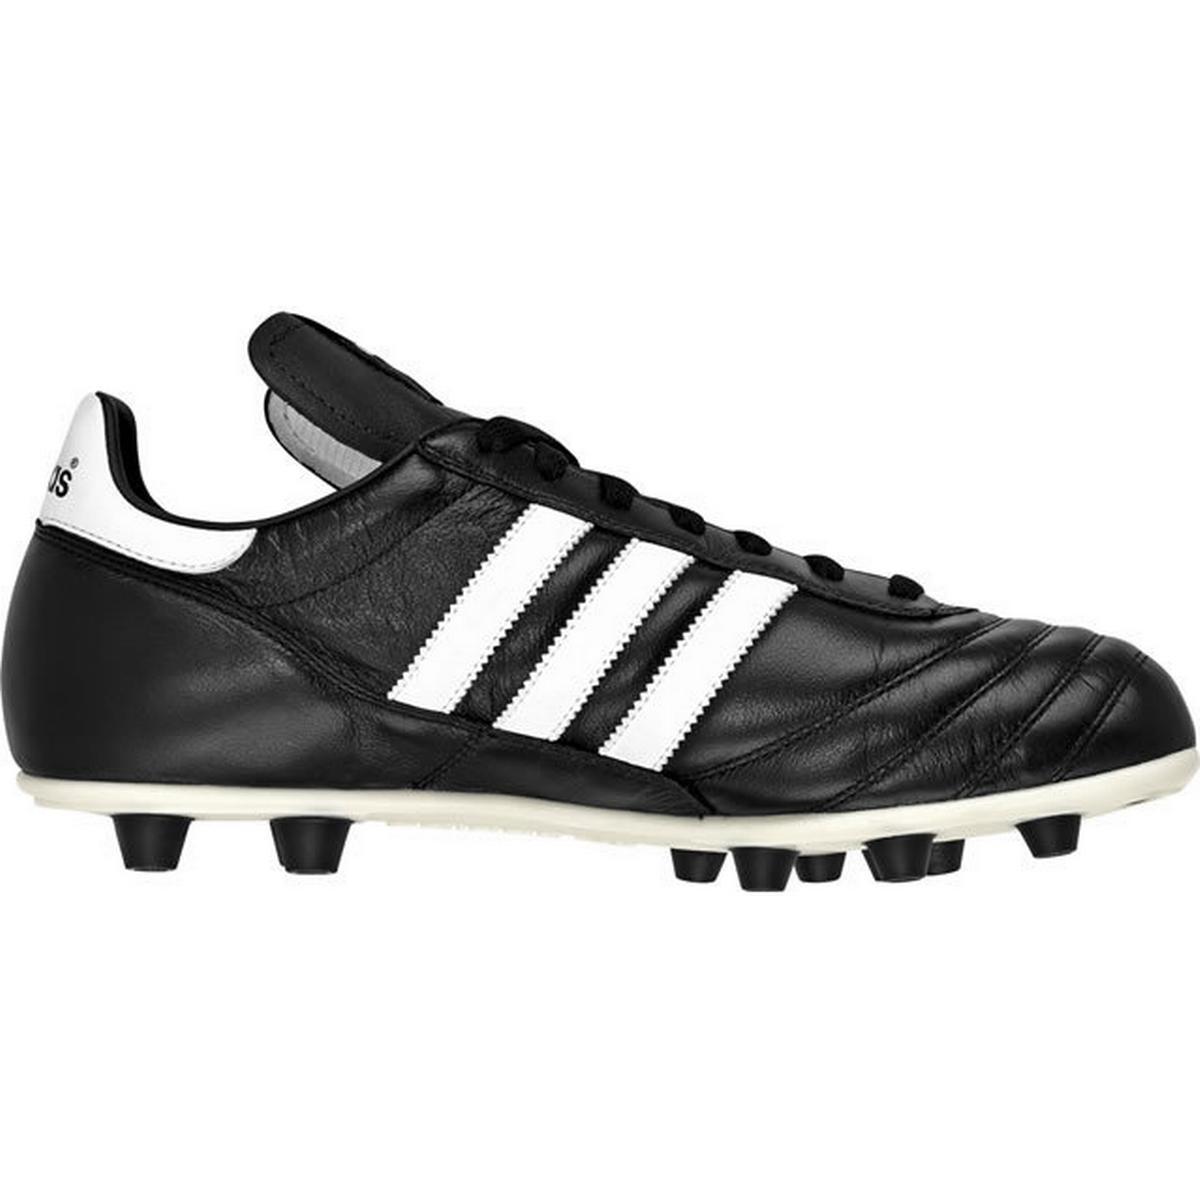 6e0b5b33dffe Fodboldstøvler - Sammenlign priser hos PriceRunner